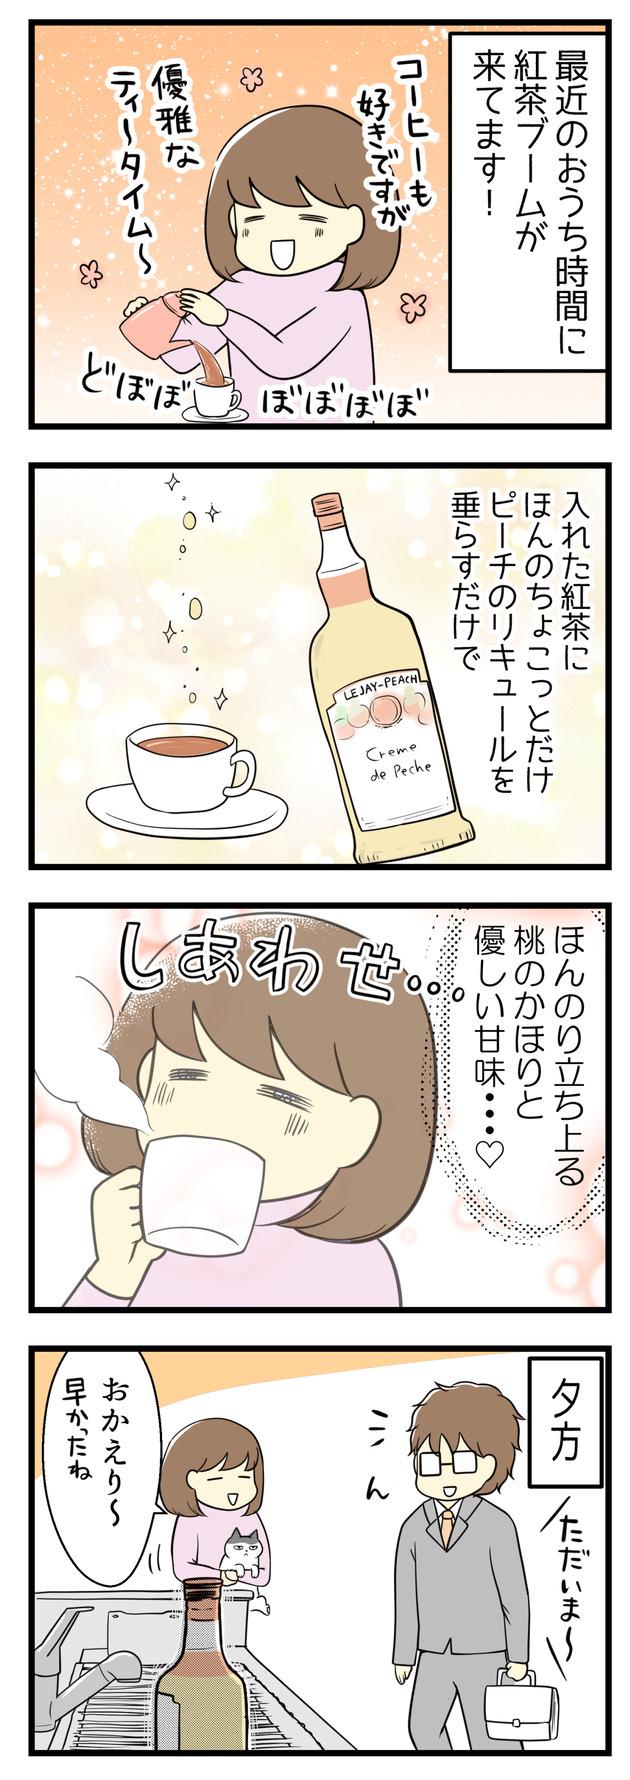 新型コロナの影響で外出がまだしにくい最近のおうち時間に、紅茶ブームが到来!コーヒーも好きですが紅茶もいい!いれたての紅茶にほんのちょっぴり桃のリキュールを垂らすだけでほんのり立ち上る桃のかおりと優しい甘味が・・・幸せ。